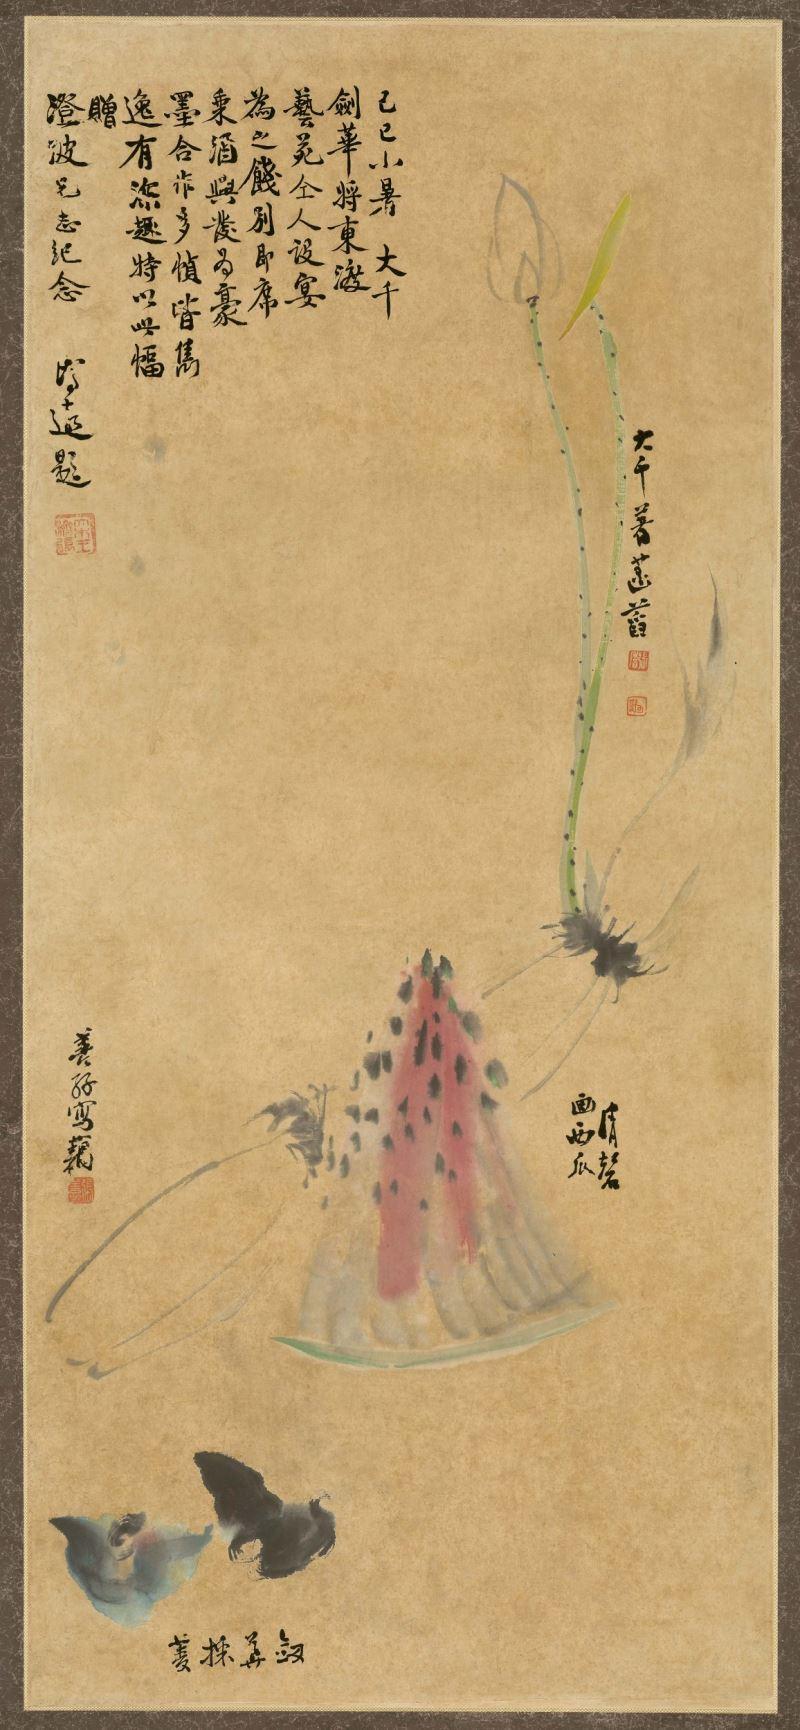 張大千、張善子、楊清磐、俞劍華、王濟遠--五人合筆 A Collaborative Painting by Five Artists